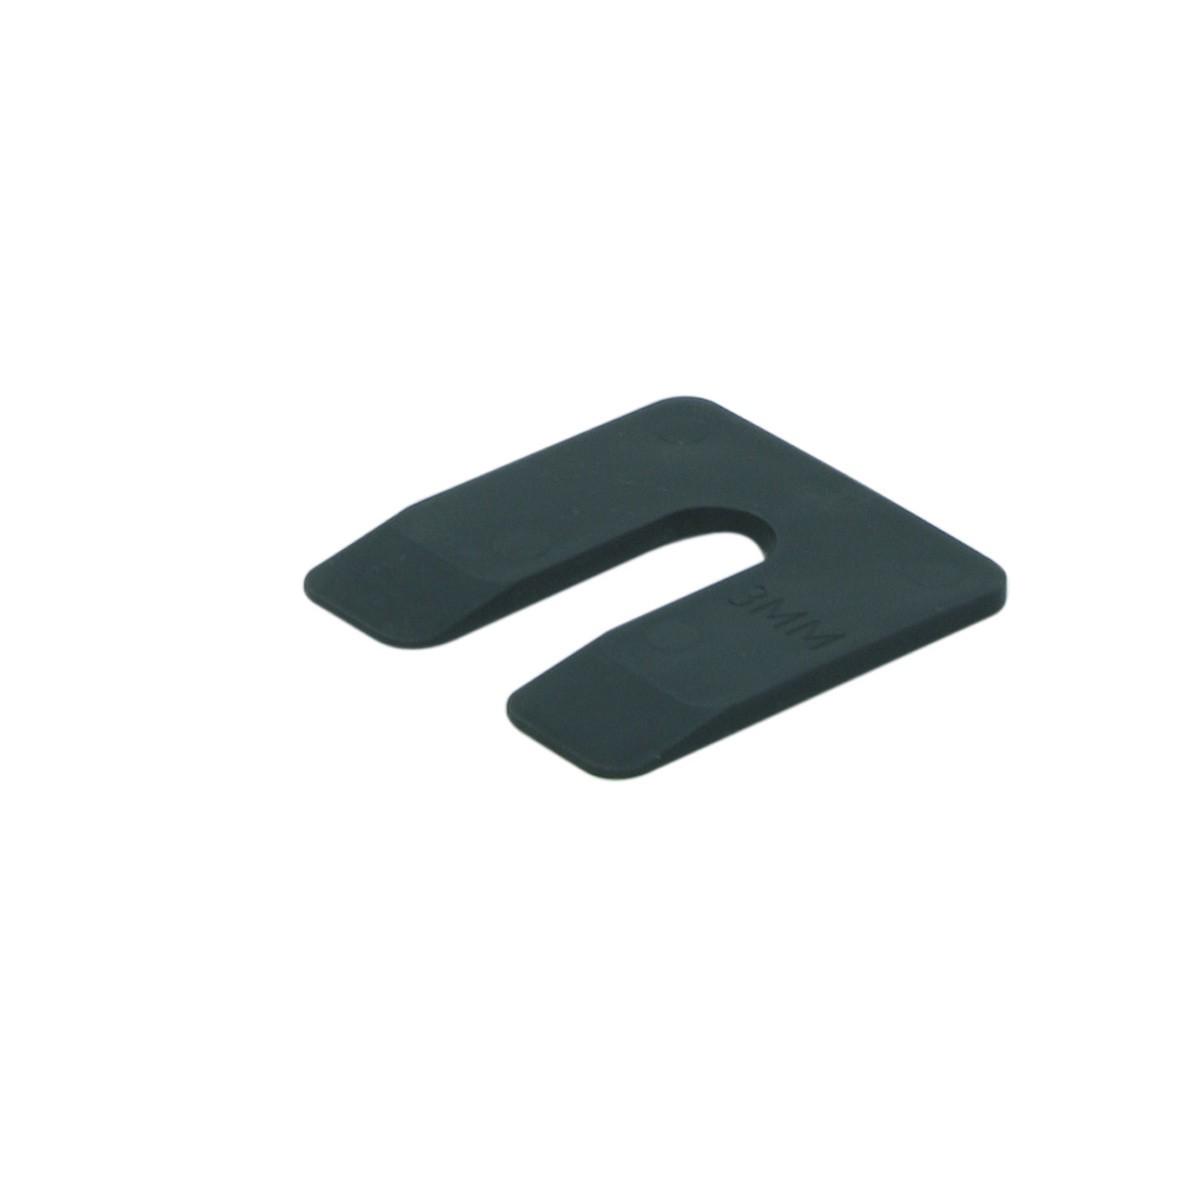 Uitvulplaatje zwart 3 50x50 KS